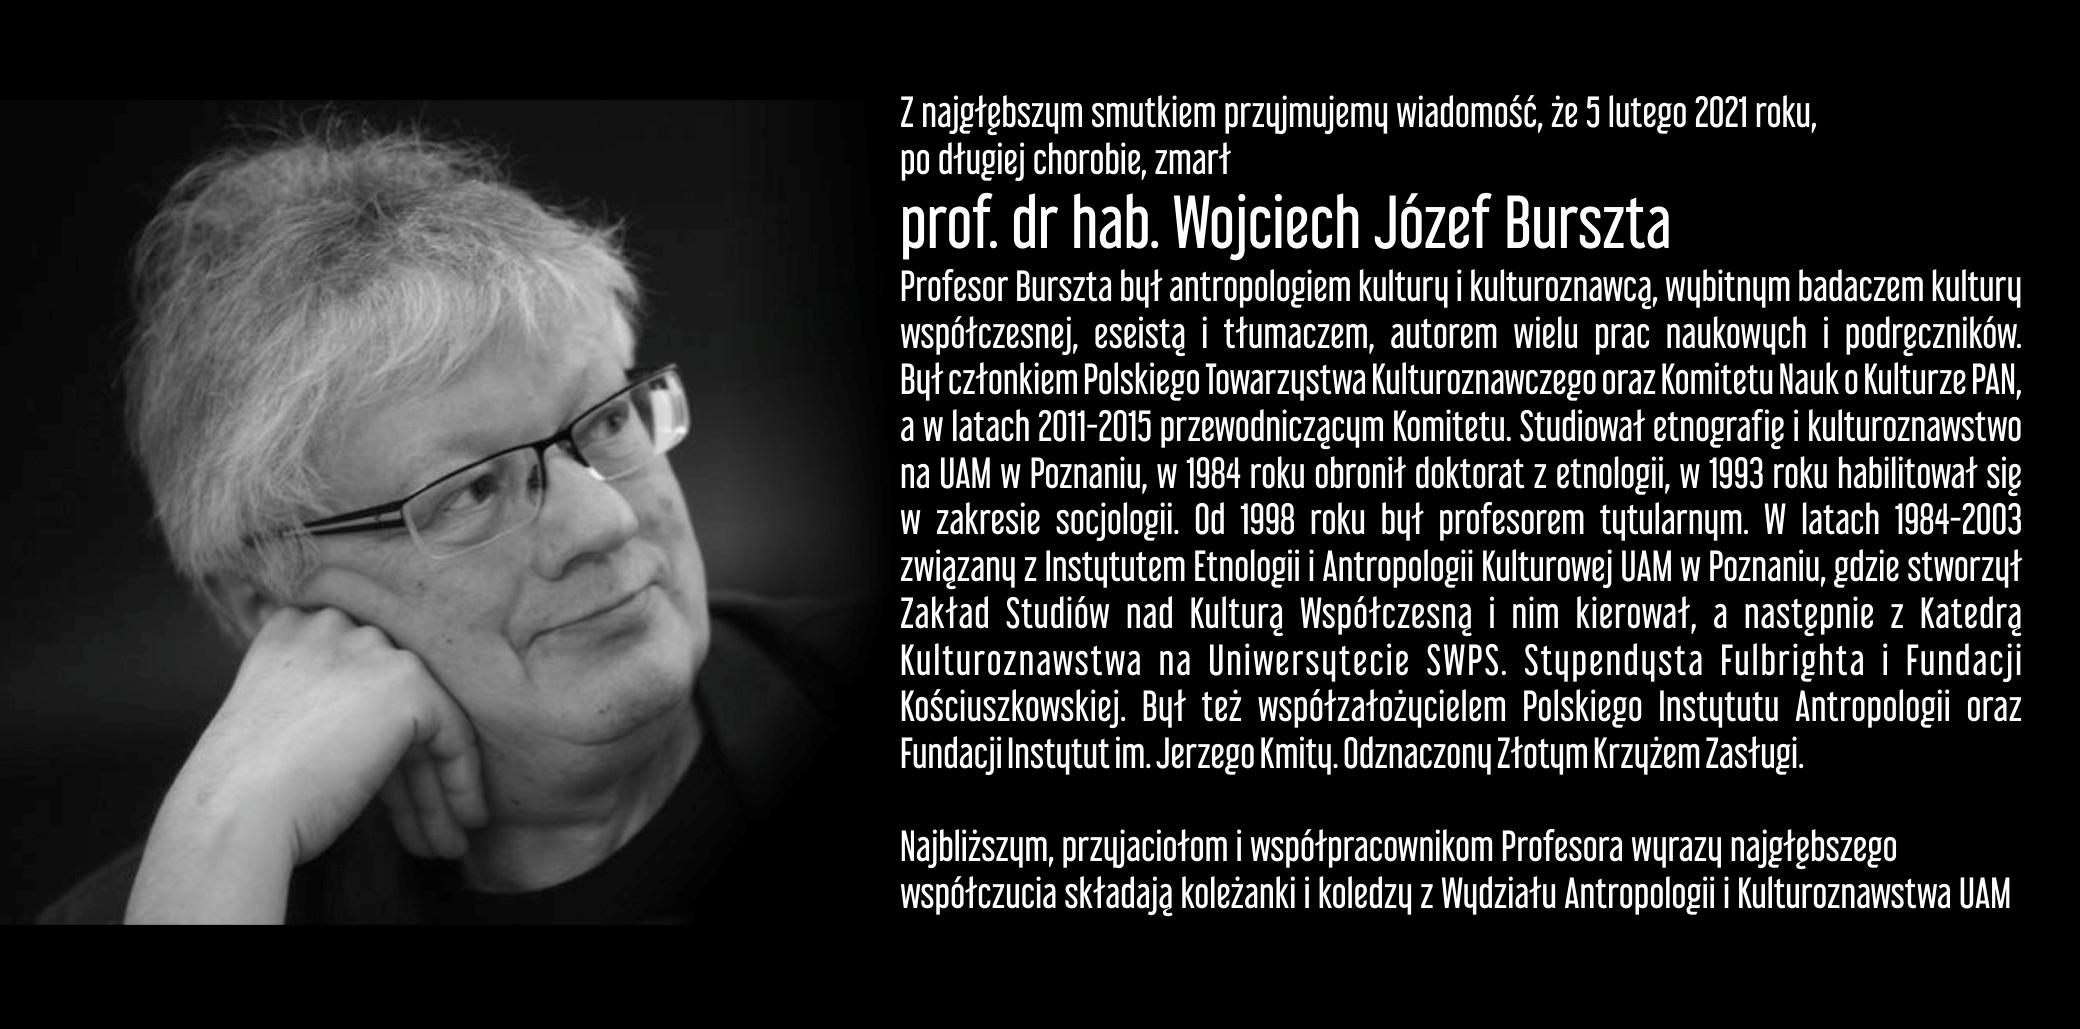 Odszedł Wojciech Józef Burszta